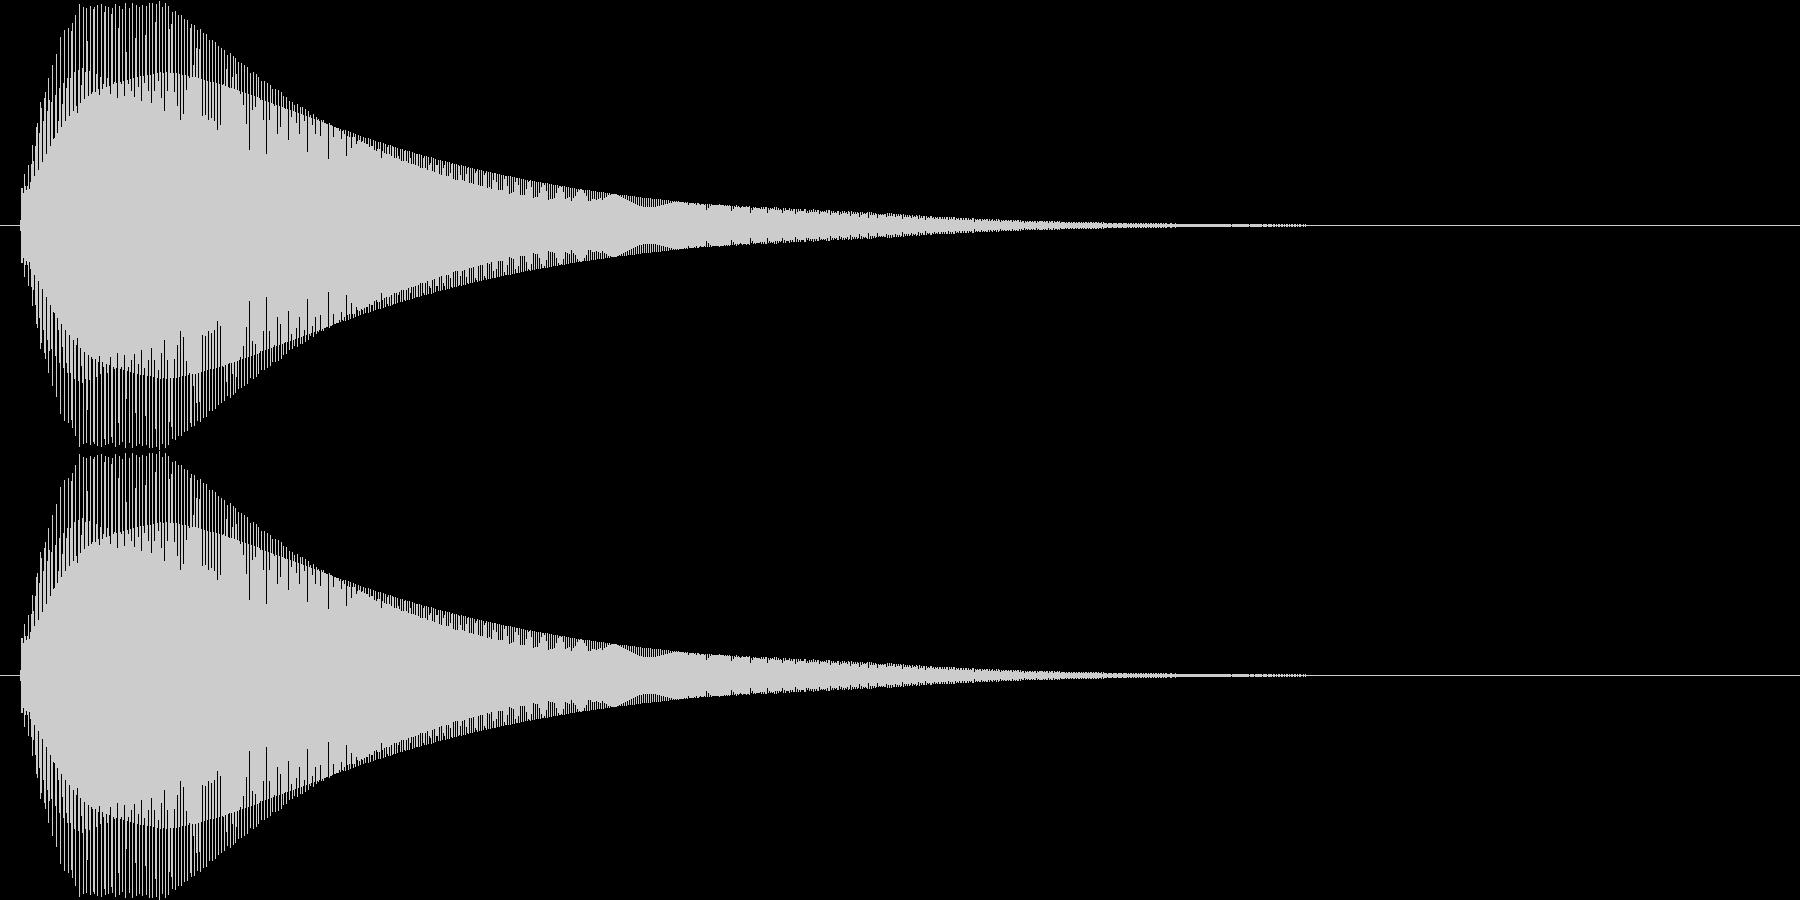 【ピヨーン】ファミコン系ジャンプ音_05の未再生の波形